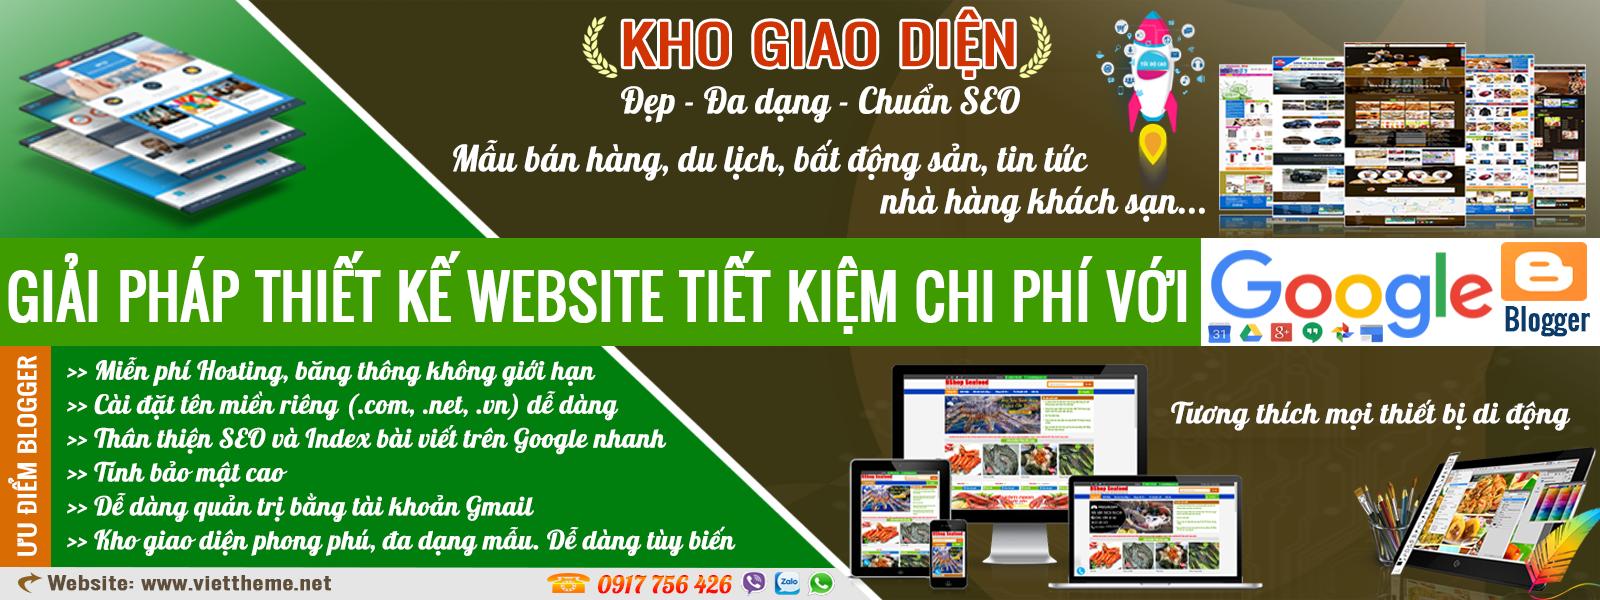 Giải pháp thiết kế website tiết kiệm chi phí nhất với dịch vụ của Google